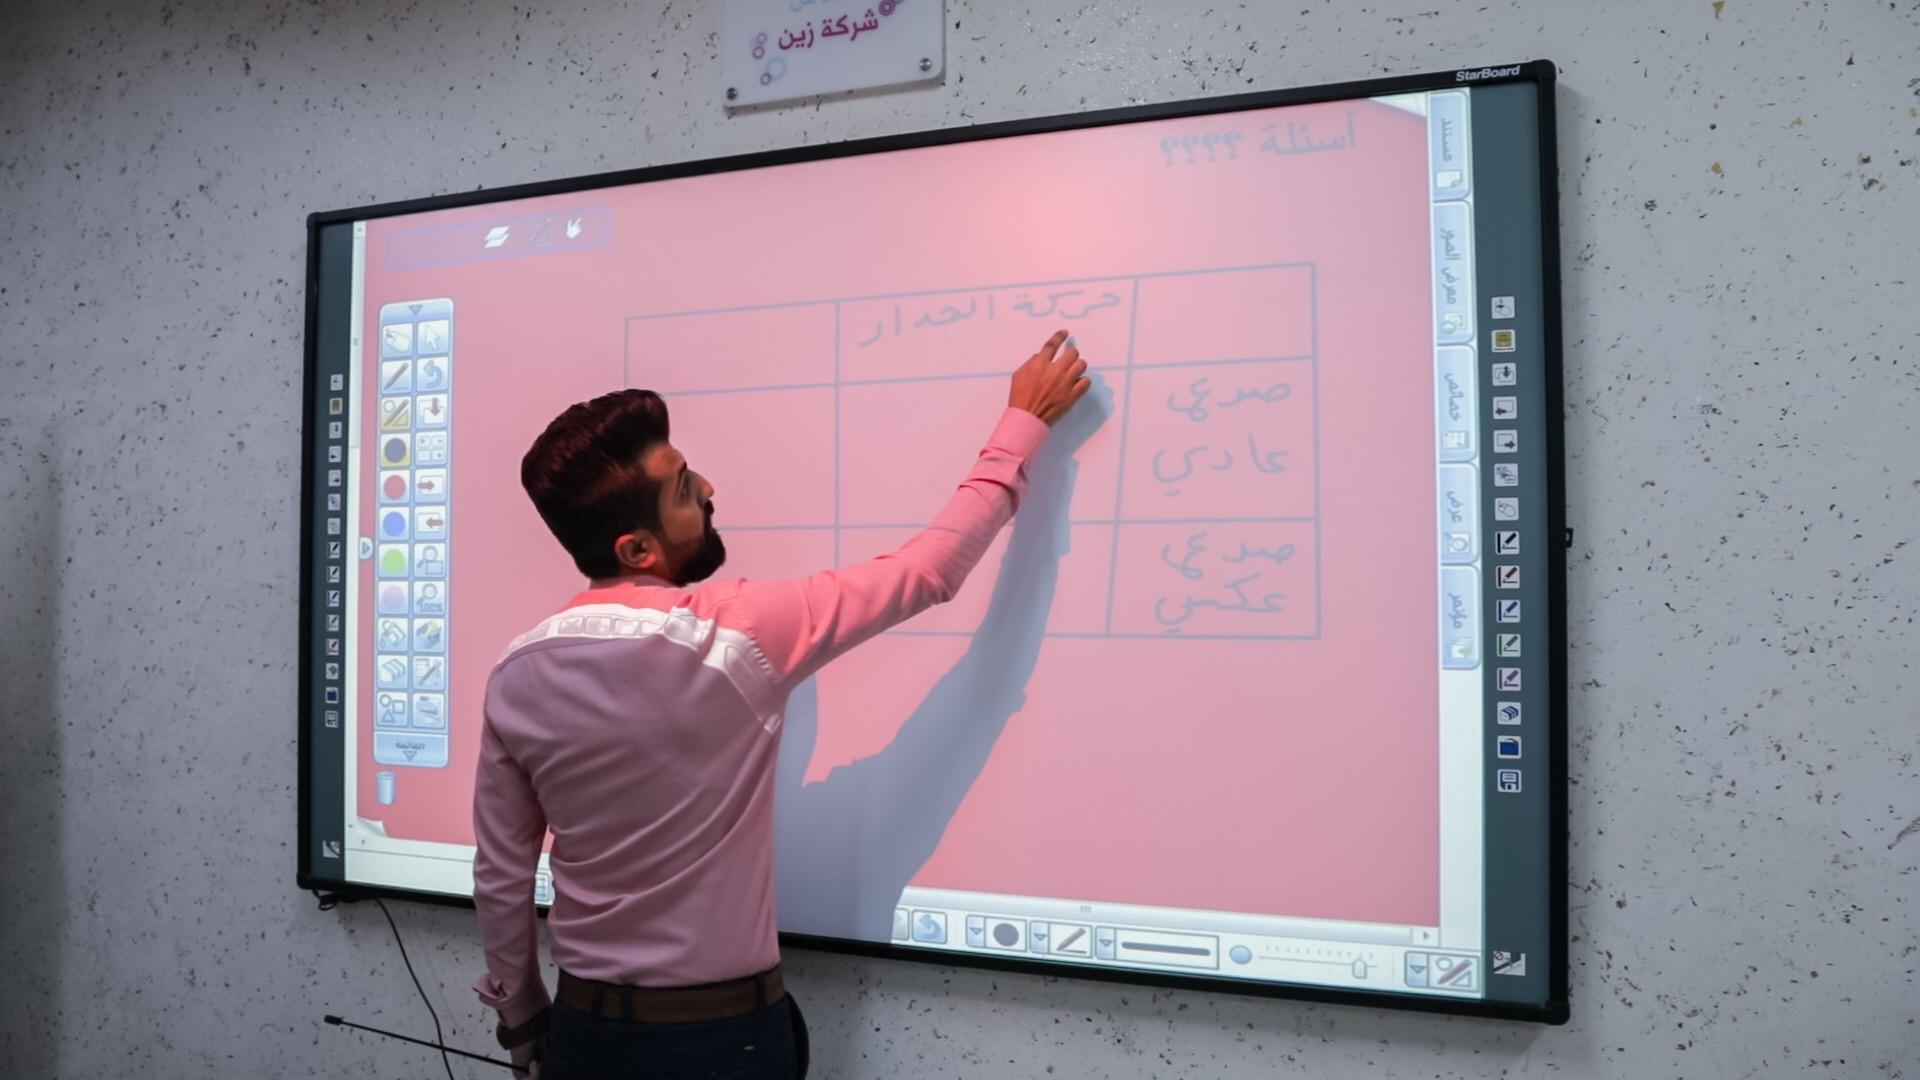 صورة زين تبدأ بتنفيذ المرحلة الرابعة من مشروع تزويد المدارس الحكومية بالألواح التفاعلية والألواح البيضاء